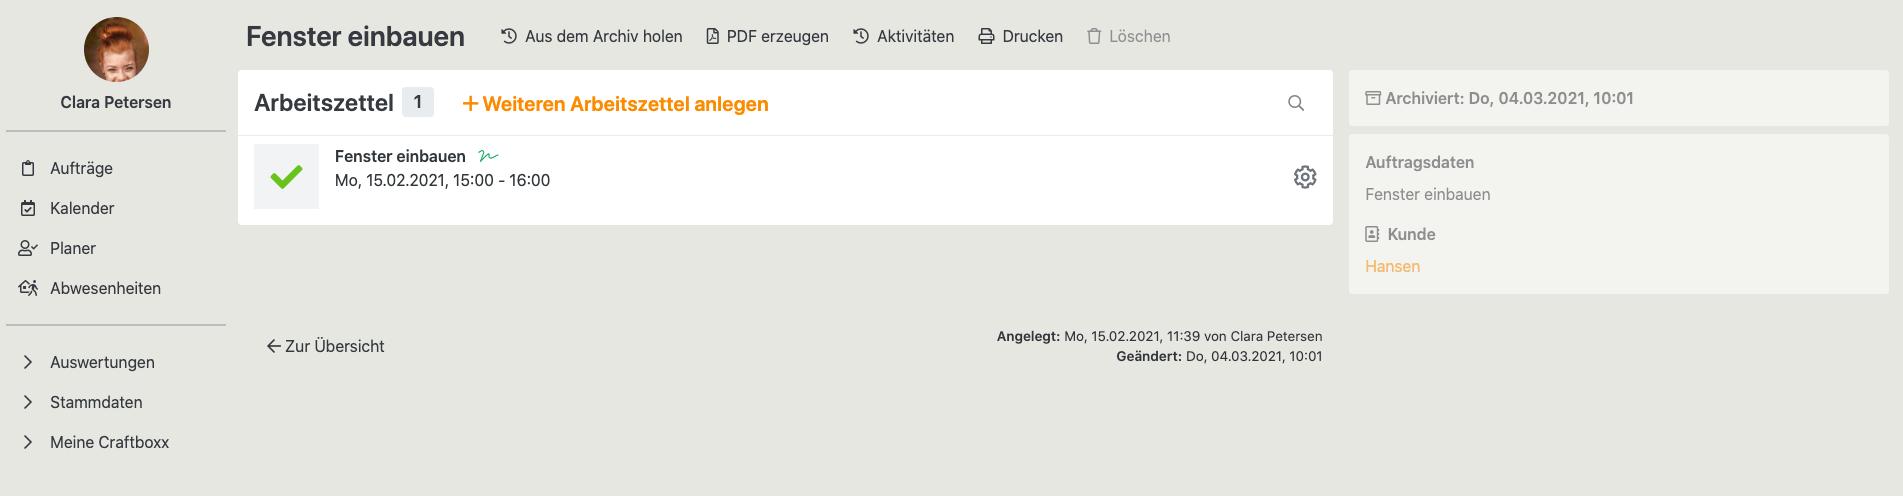 Bildschirmfoto 2021 05 14 um 10.37.19